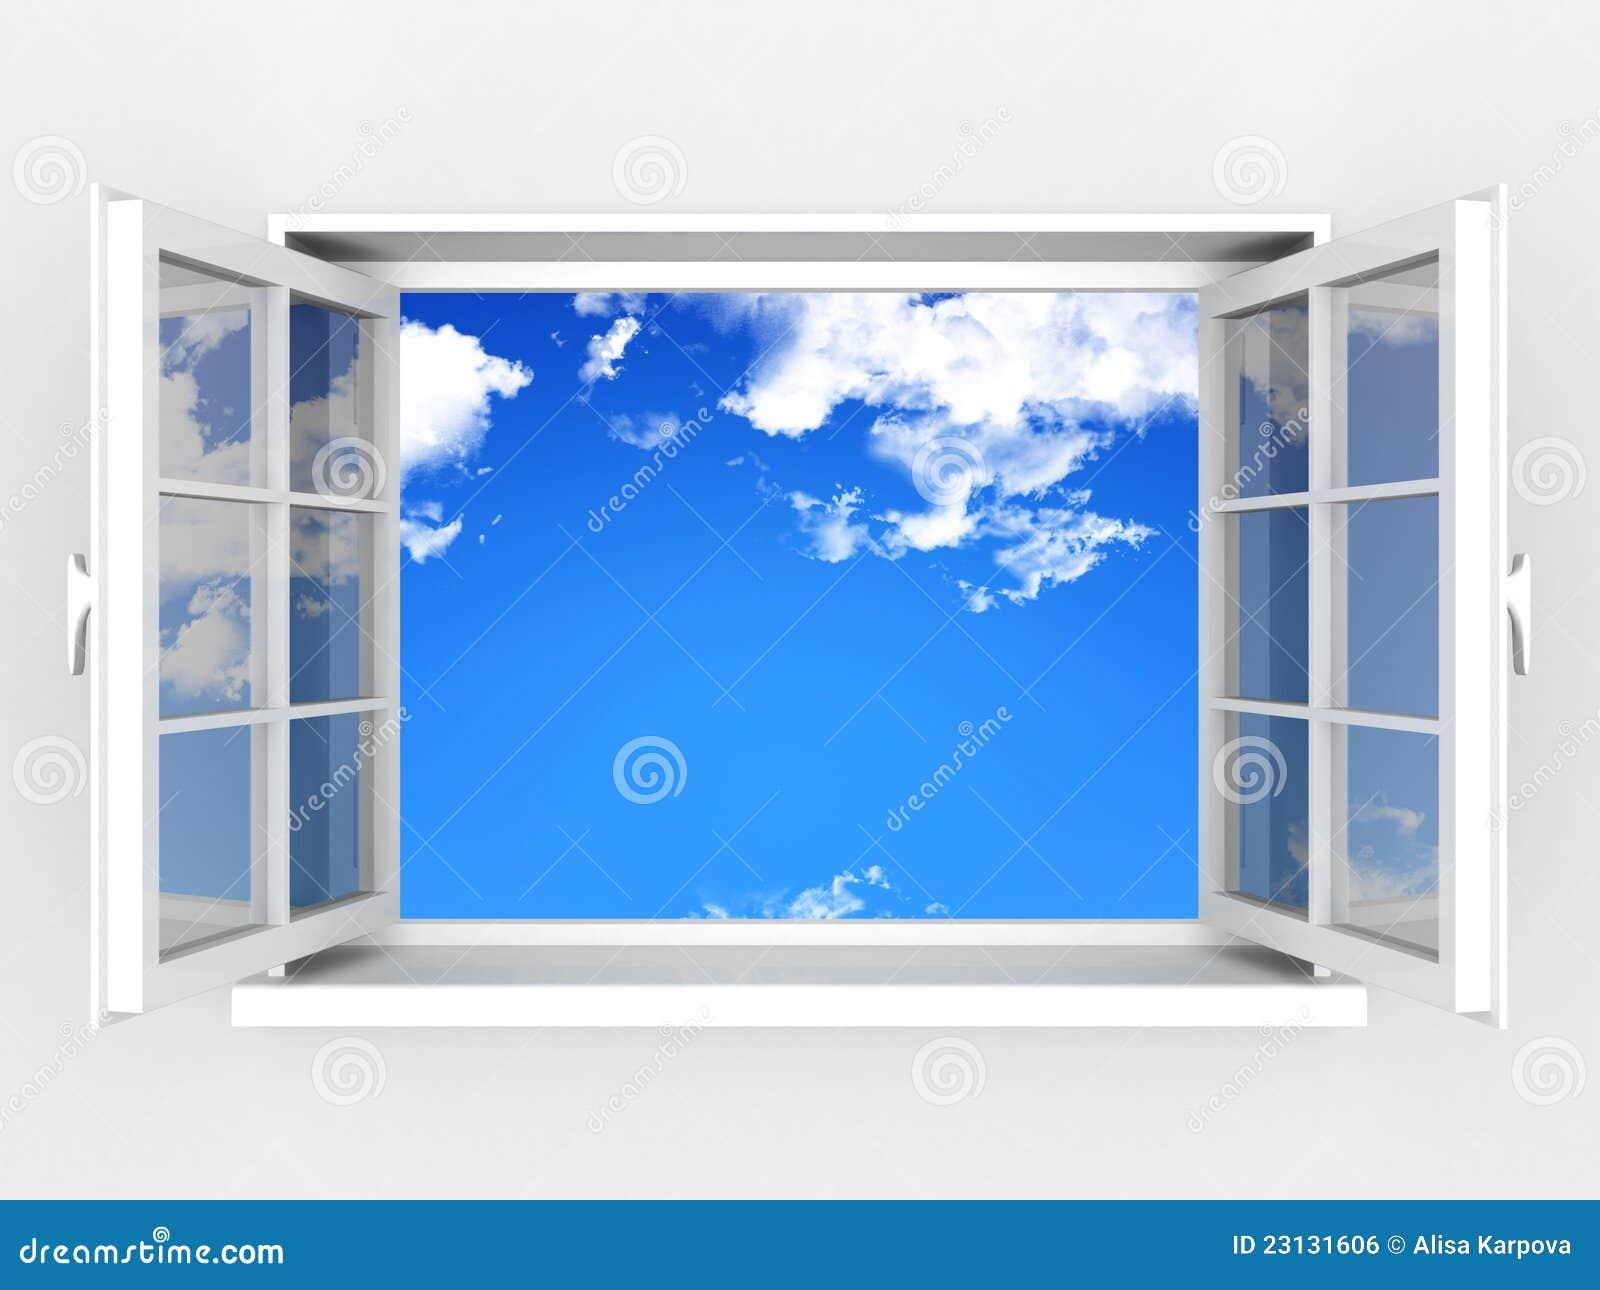 Finestra aperta contro una parete bianca e un cielo for Disegno di finestra aperta